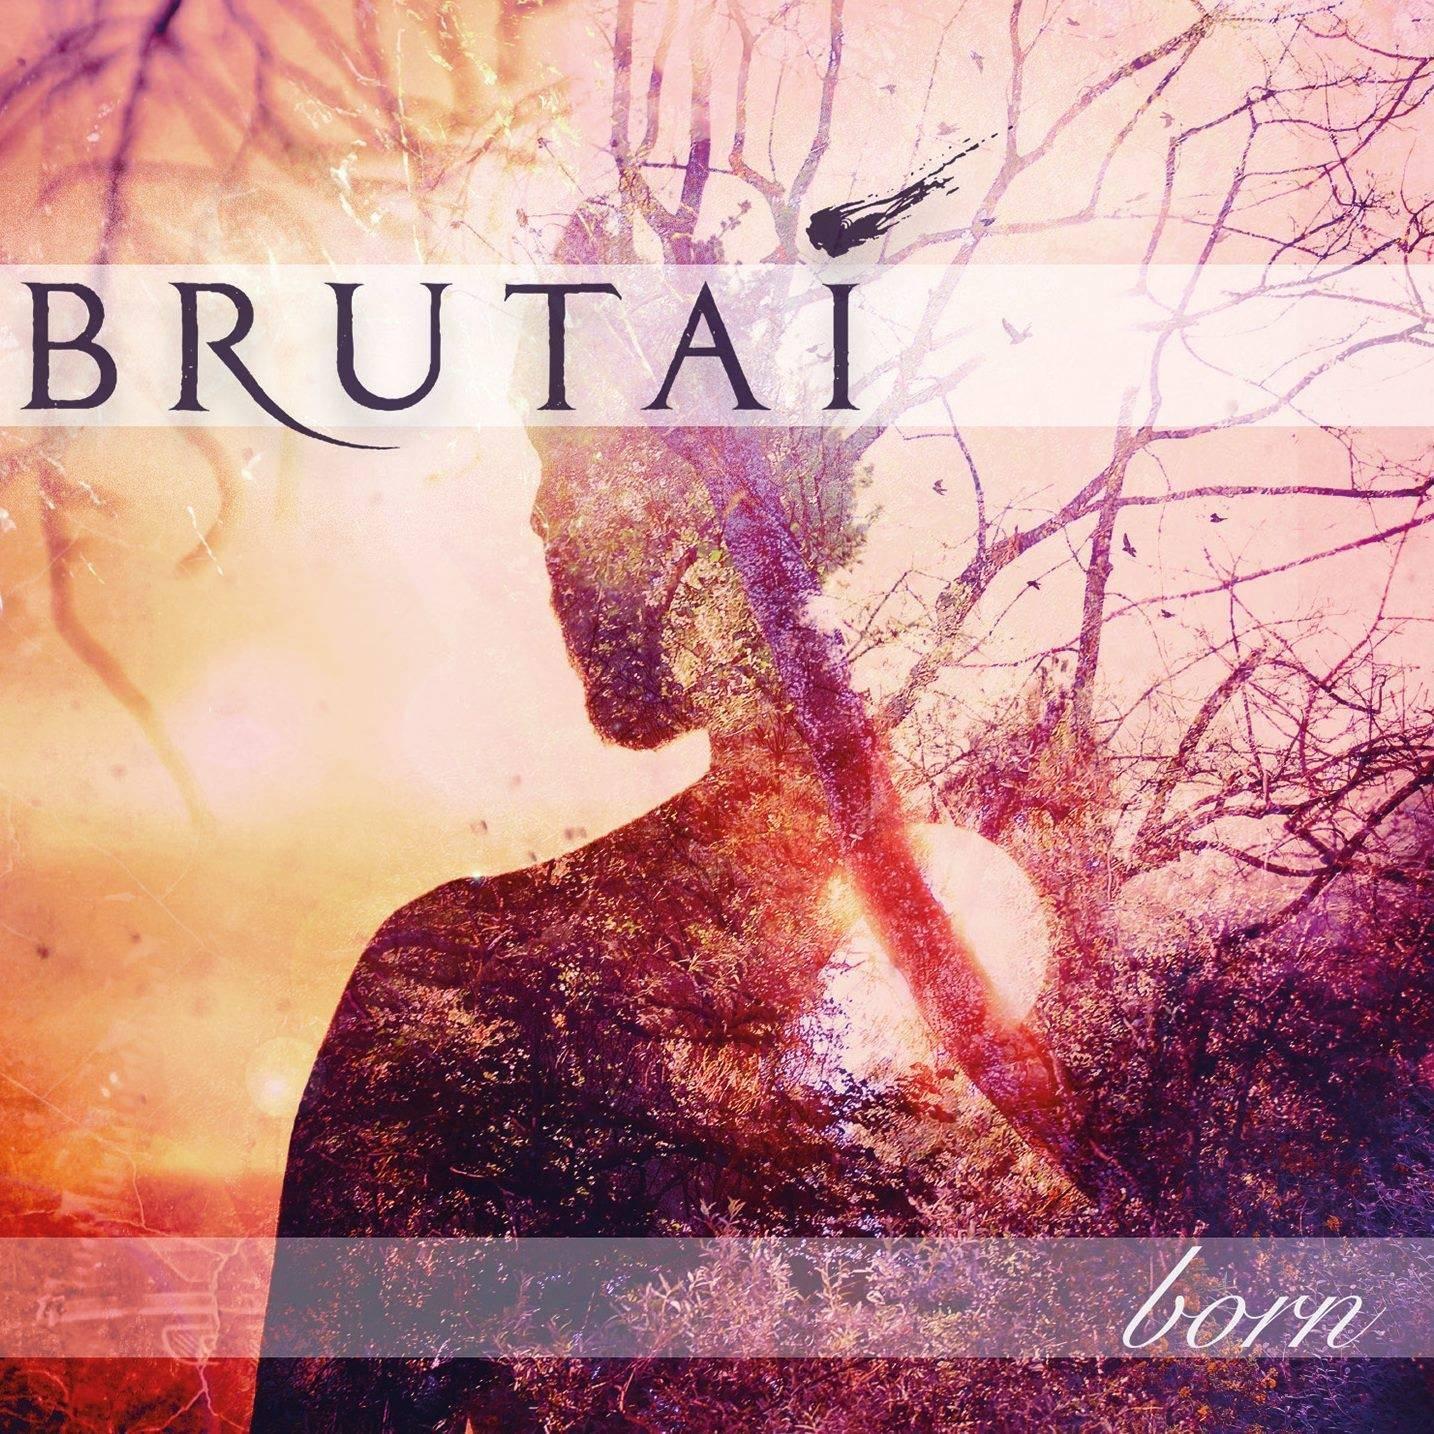 Brutai – Born